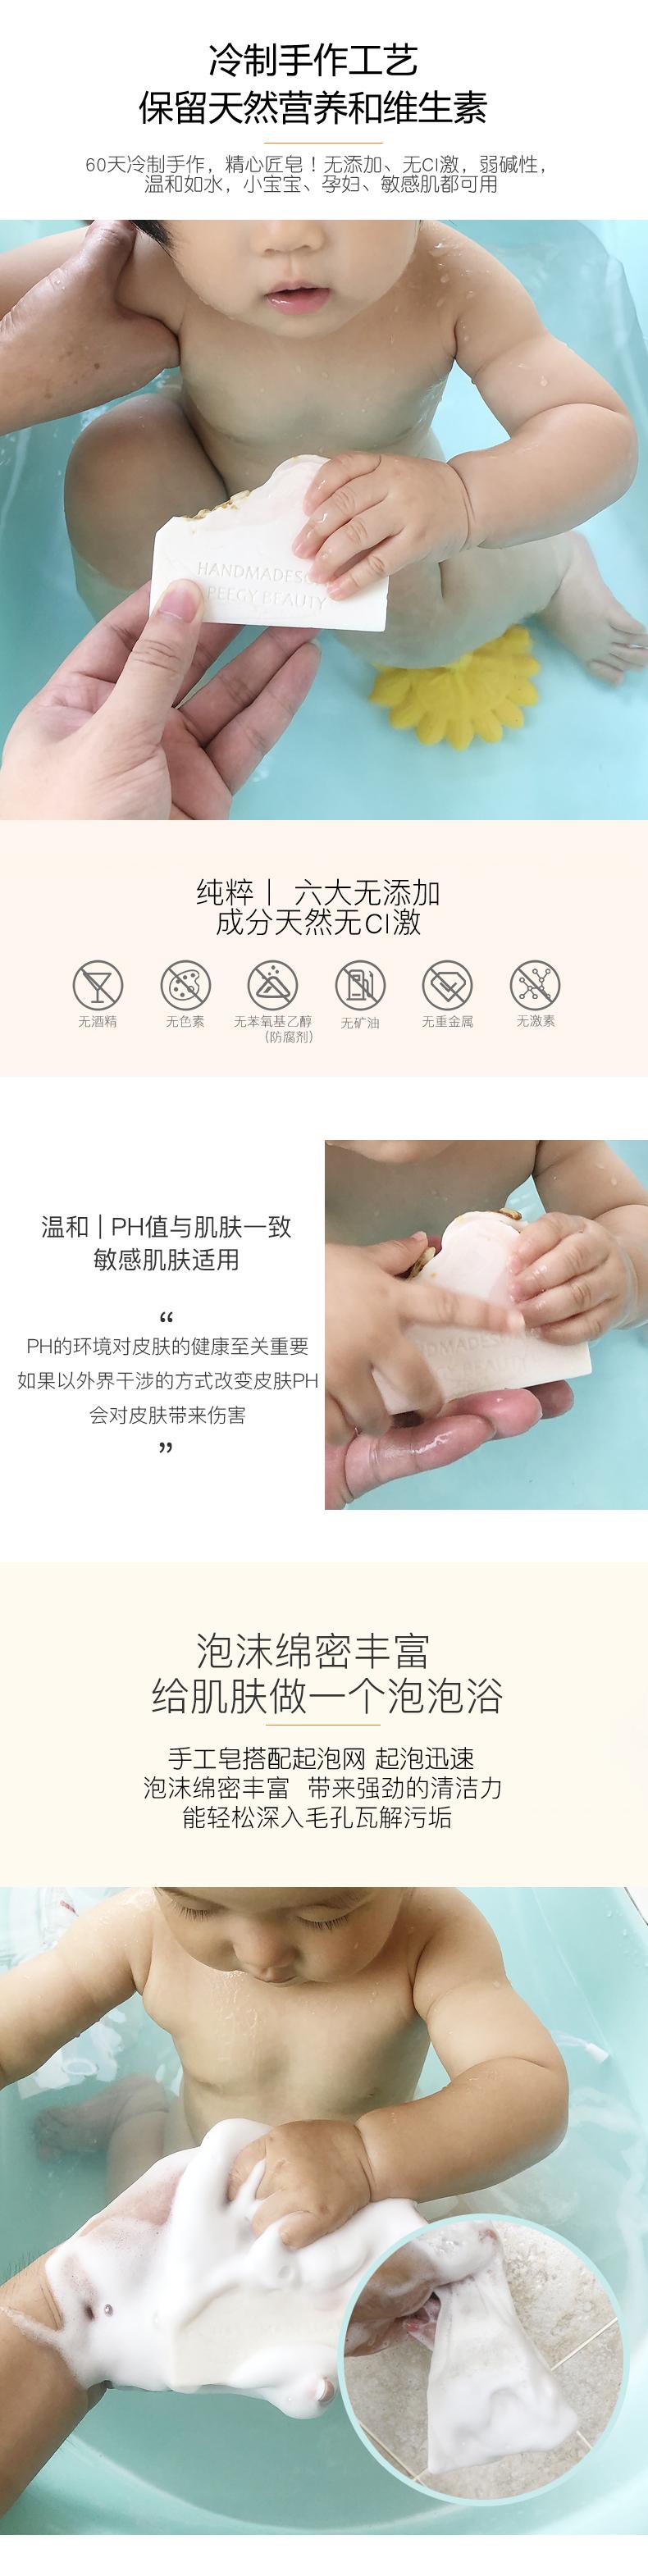 手工皂详情_10.jpg